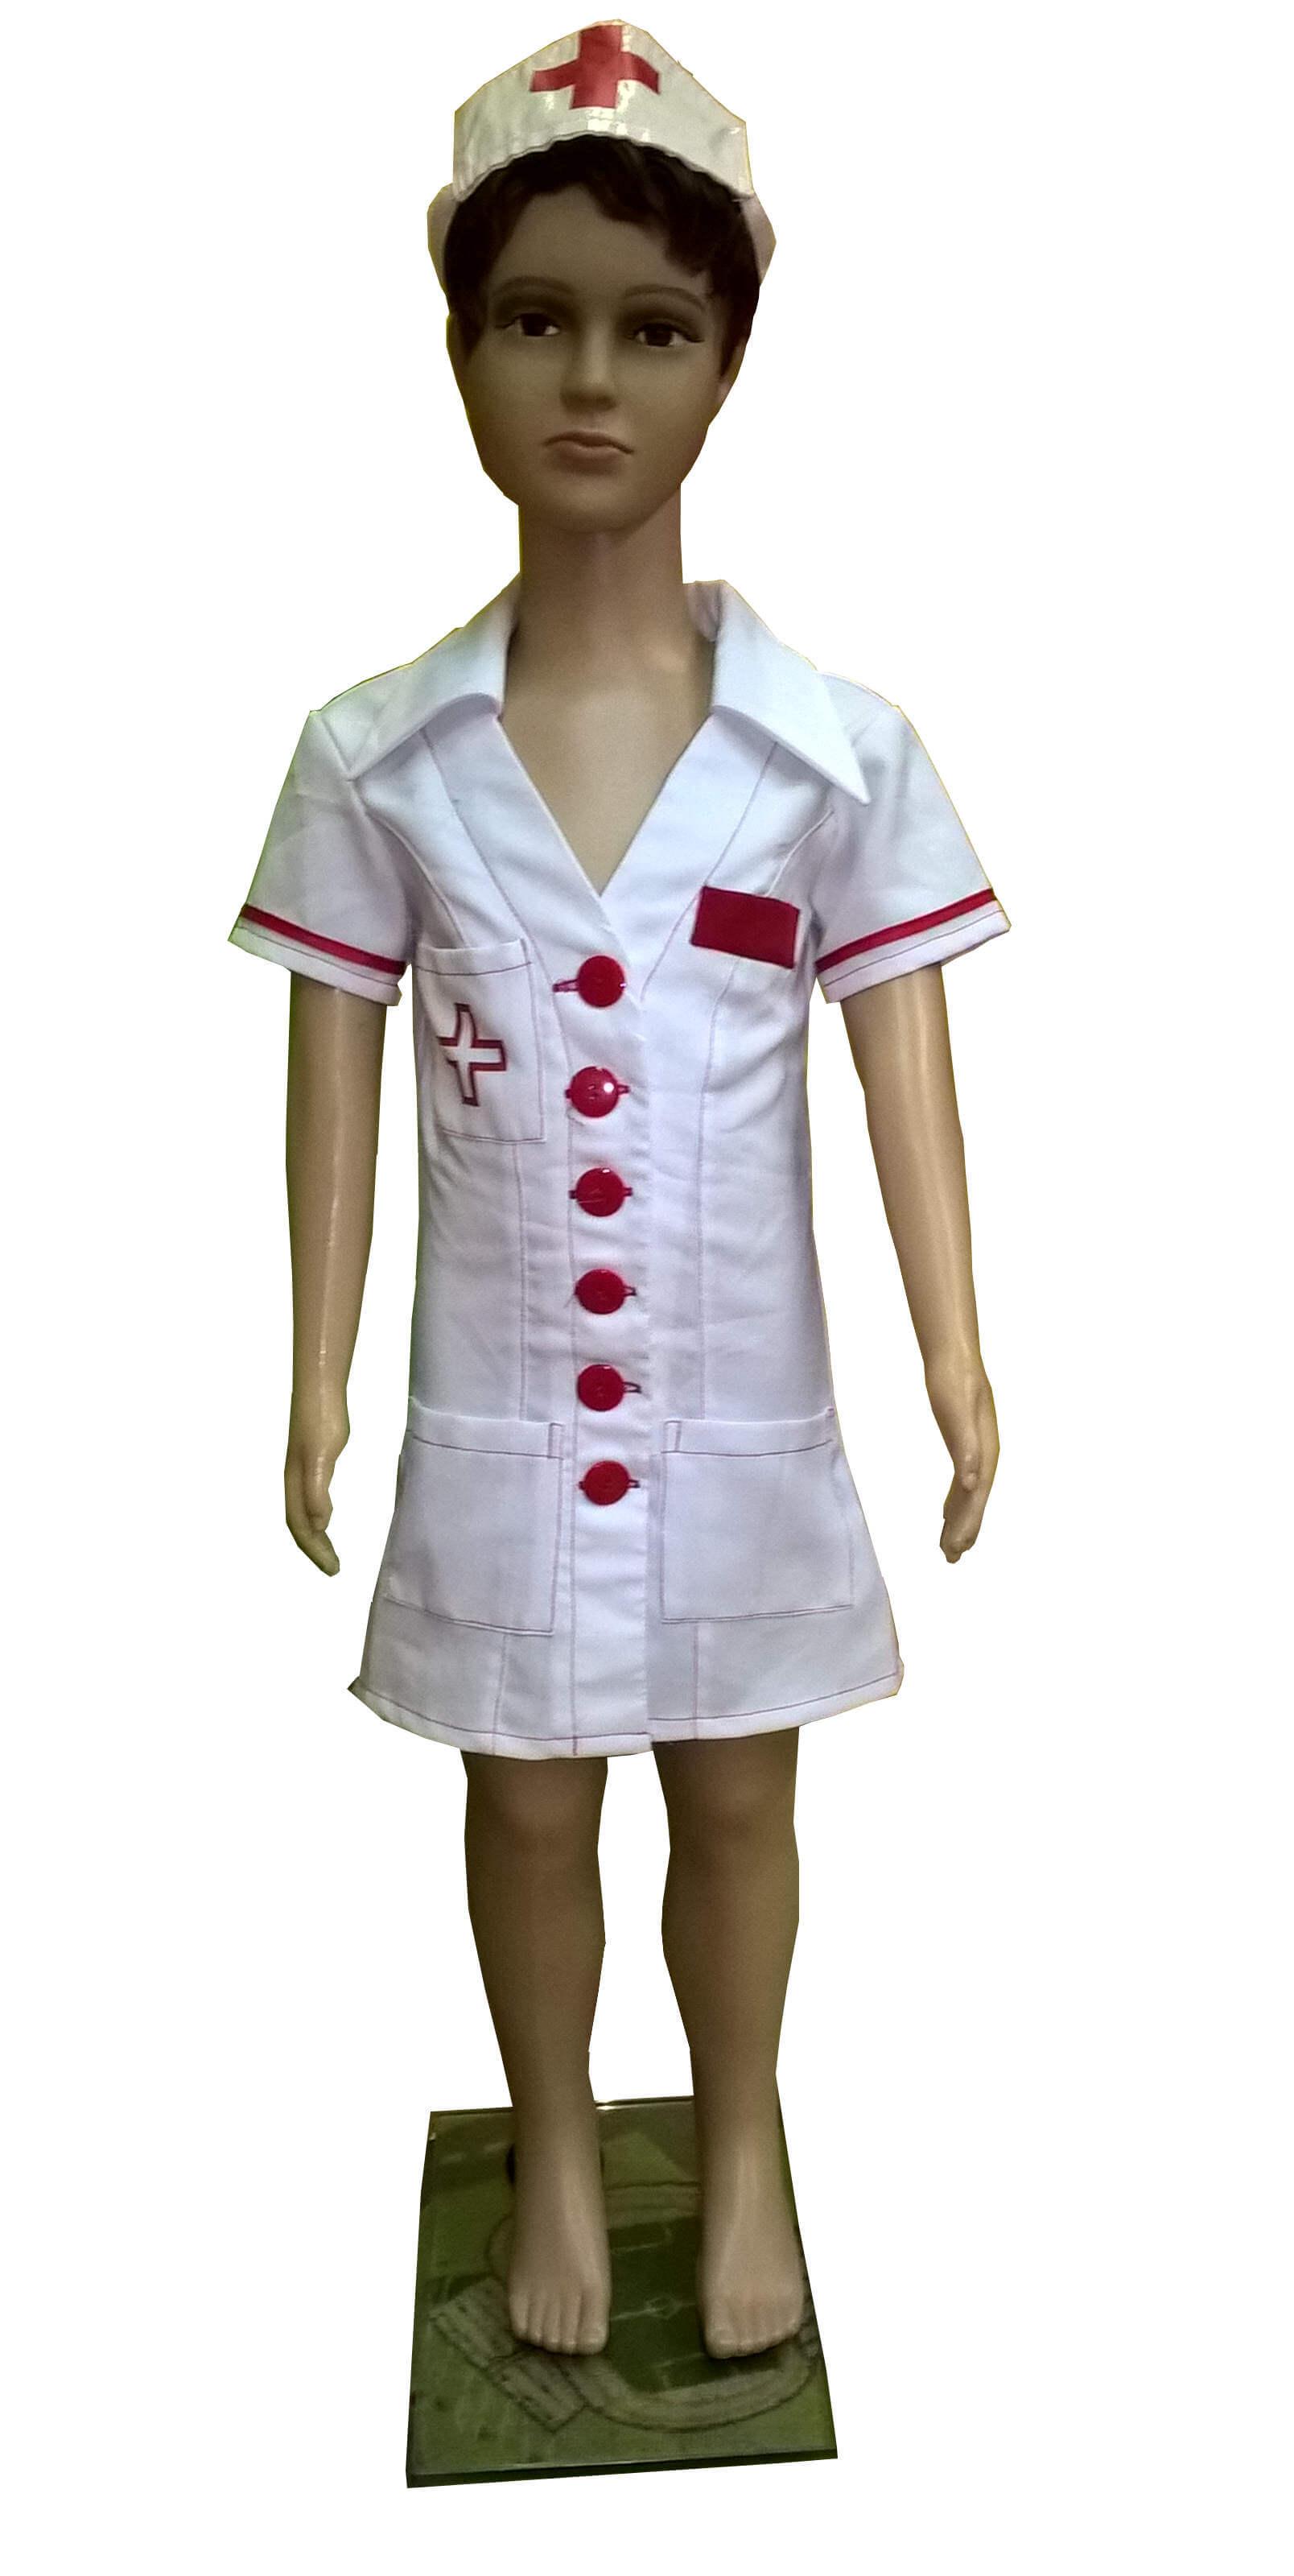 Daktarės kostiumas. Profesijų karnavaliniai kostiumai. Karnavaliniu kostiumu nuoma vaikams Vilniuje - pasakunamai.lt